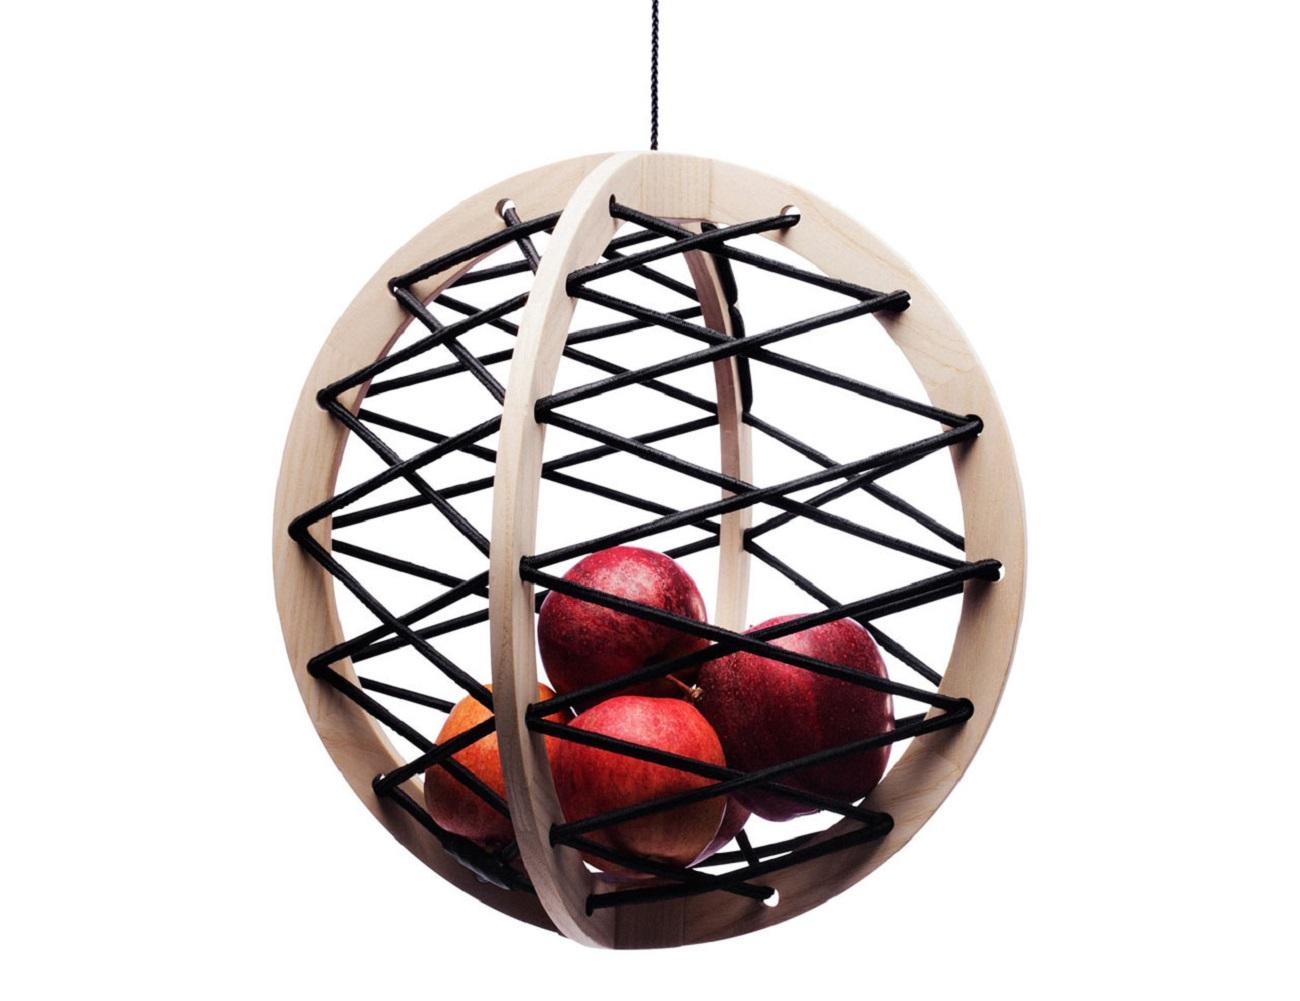 Pluk – Hanging Fruit